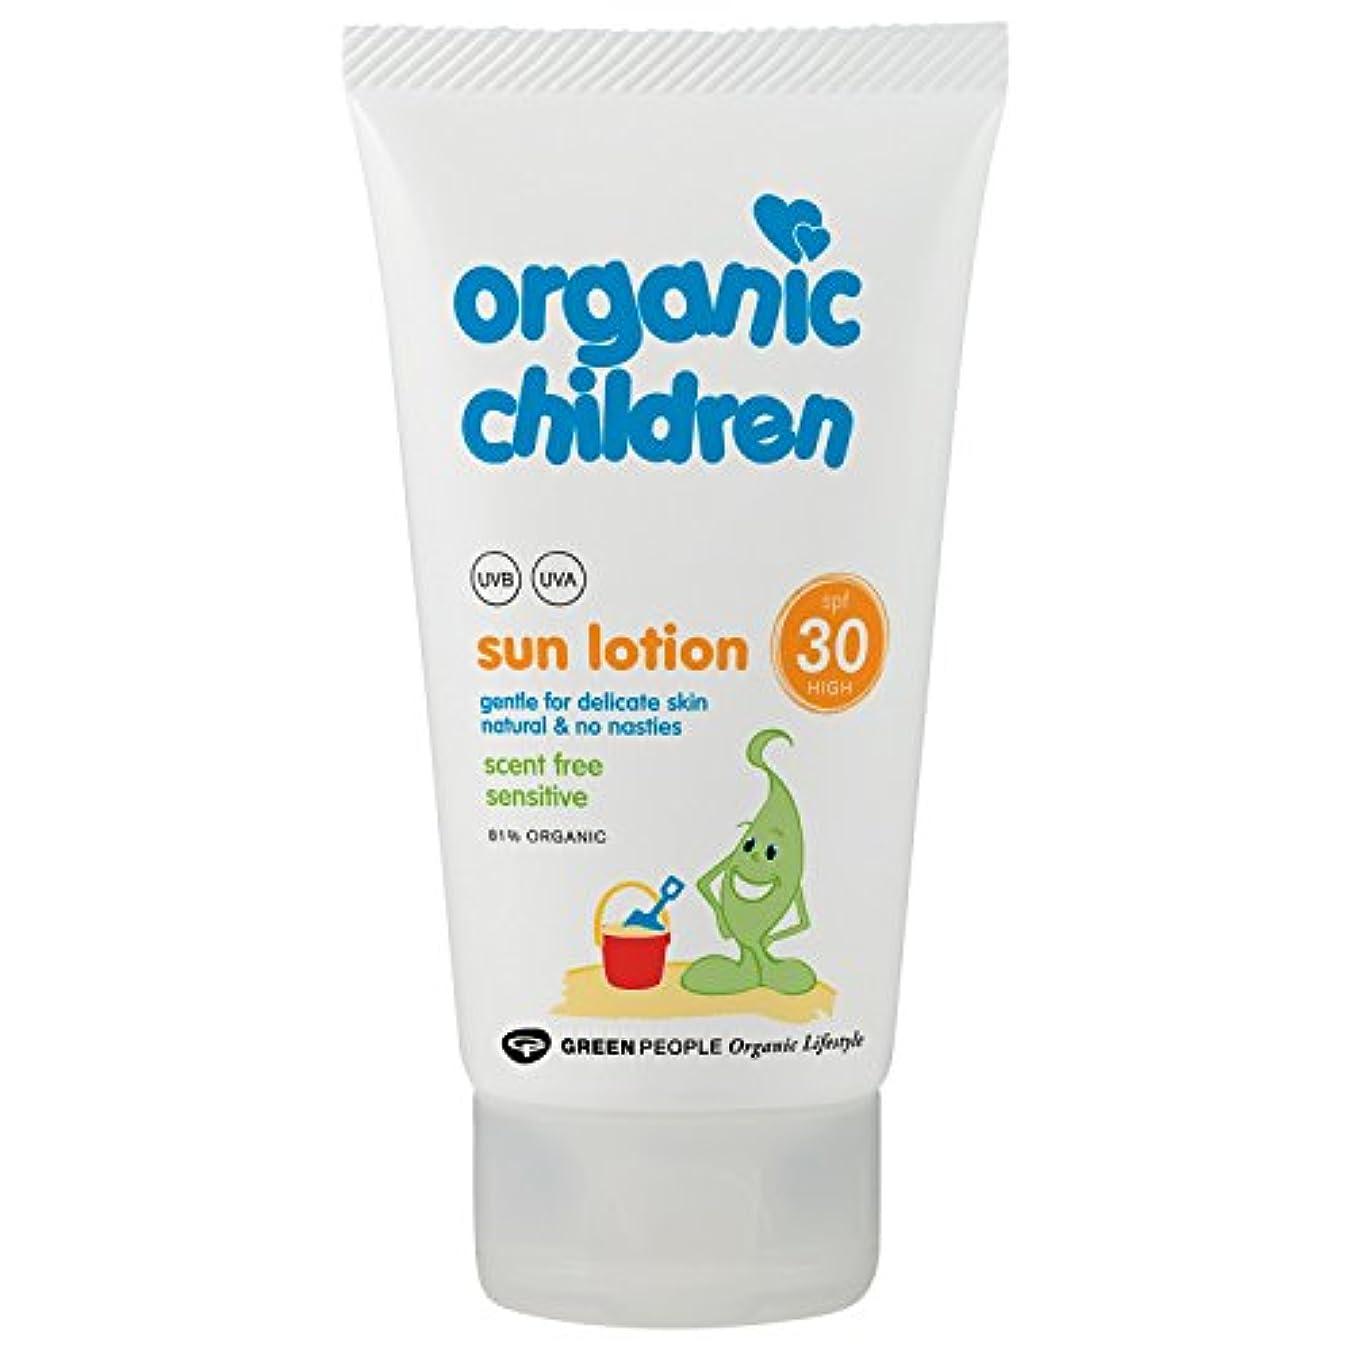 謝罪する振りかける無秩序Organic Children SPF 30 Sun Lotion 150g (Pack of 6) - 有機子どもたちは30日のローション150グラムを x6 [並行輸入品]